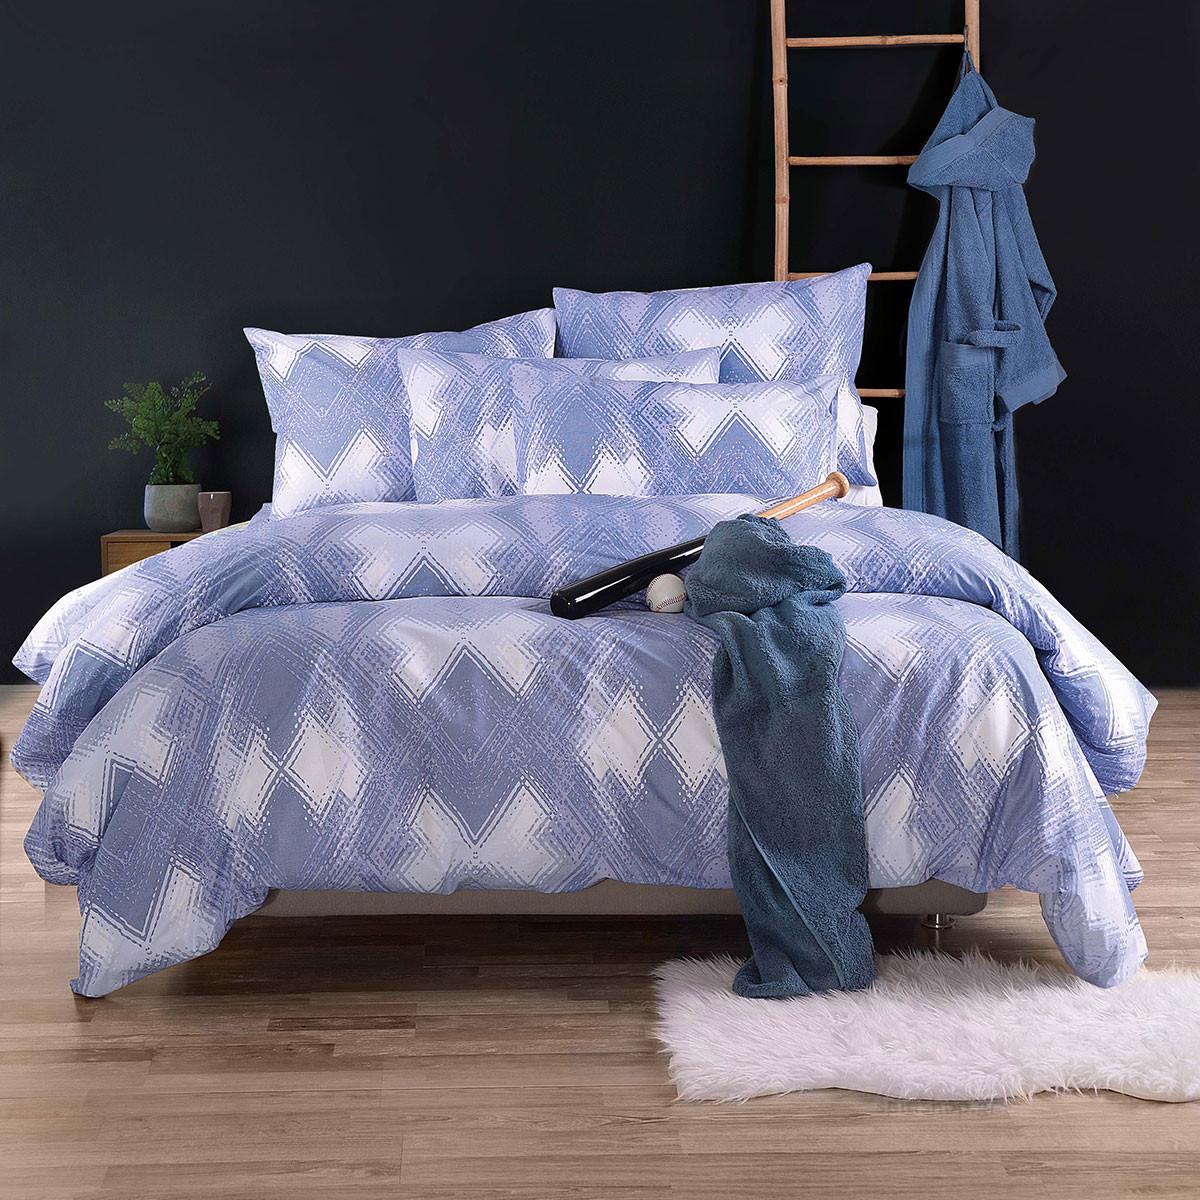 Κουβερλί Υπέρδιπλο (Σετ) Rythmos Nova Alden Blue